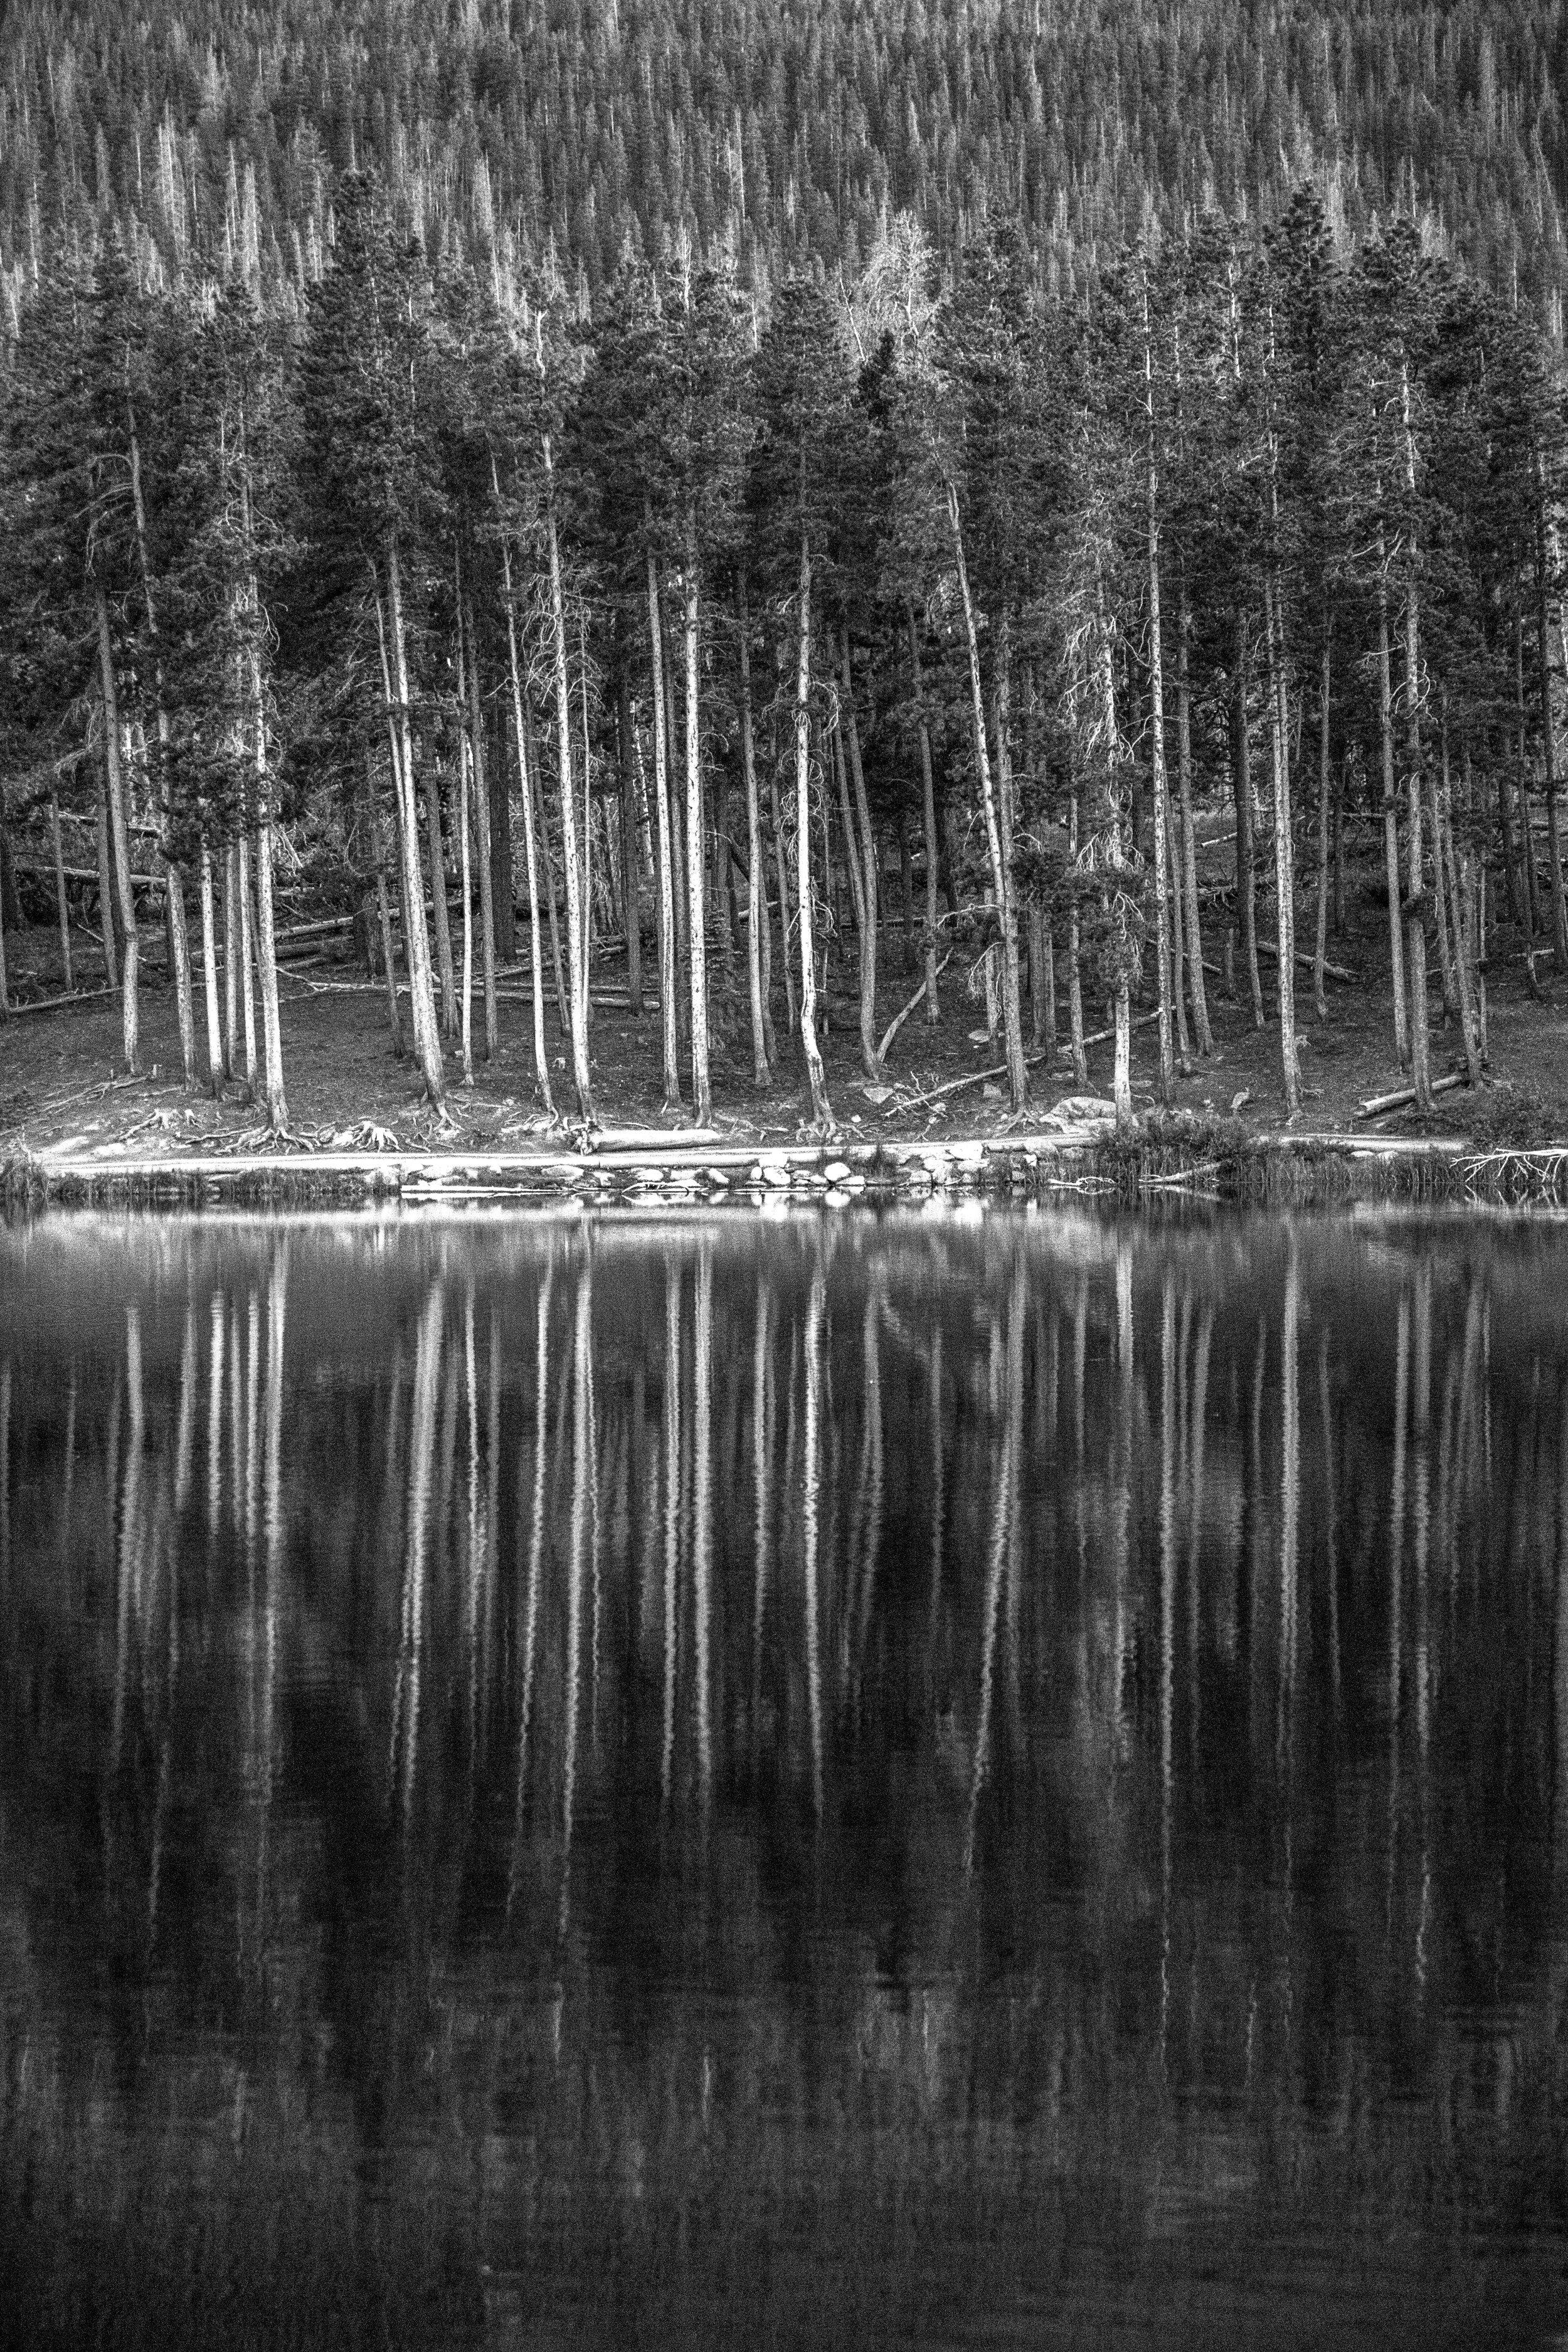 RMNP Lake Reflection